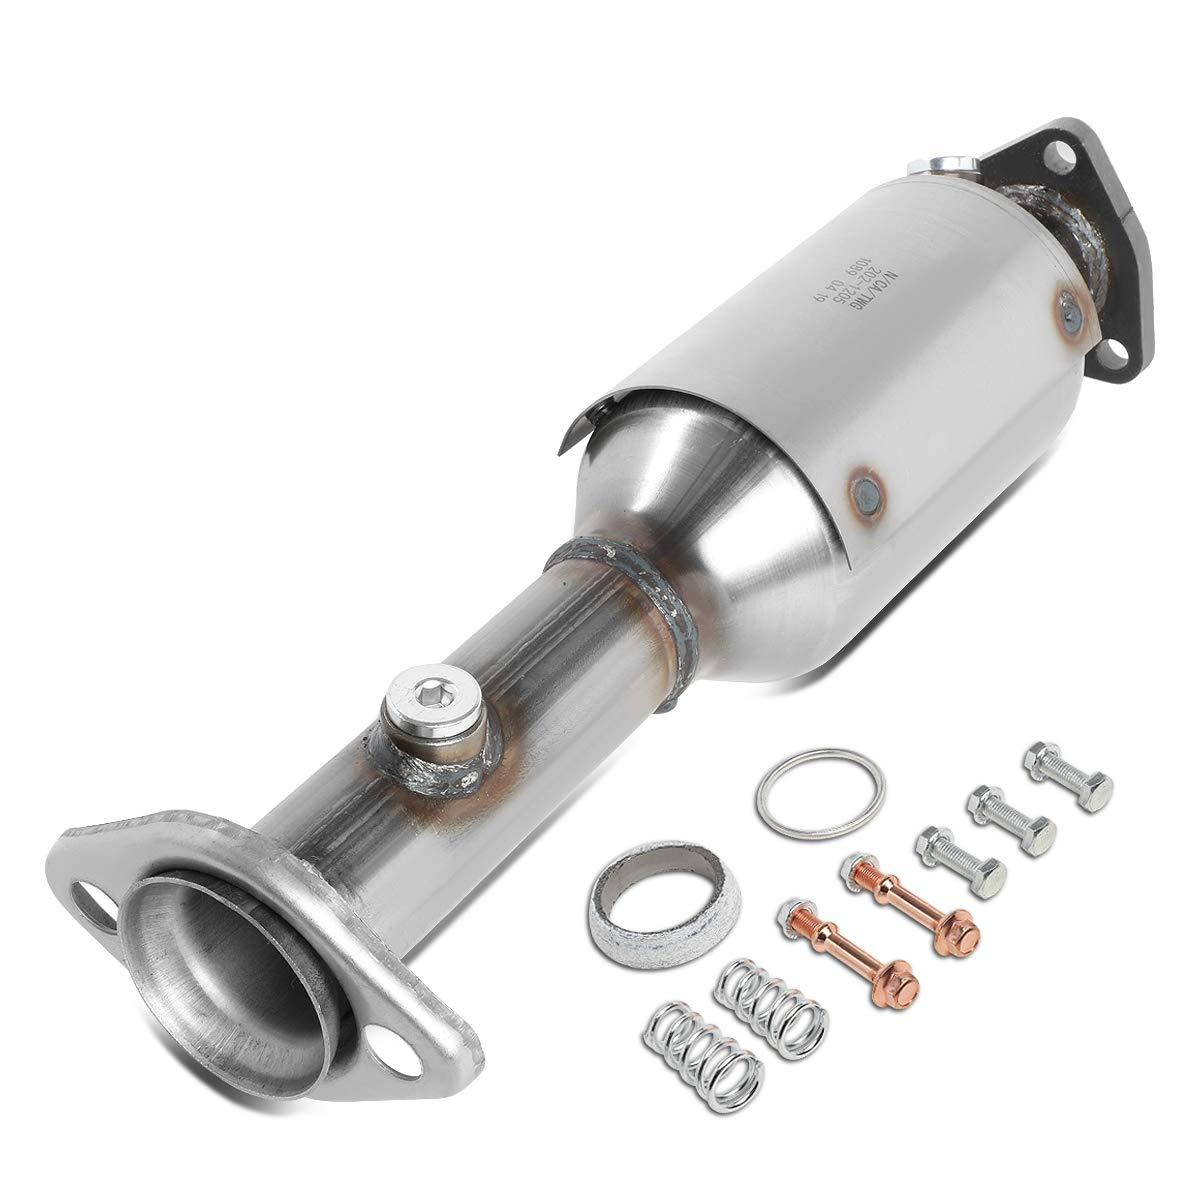 OE Style Catalytic Converter Exhaust Pipe for Honda CRV CR-V 97-01